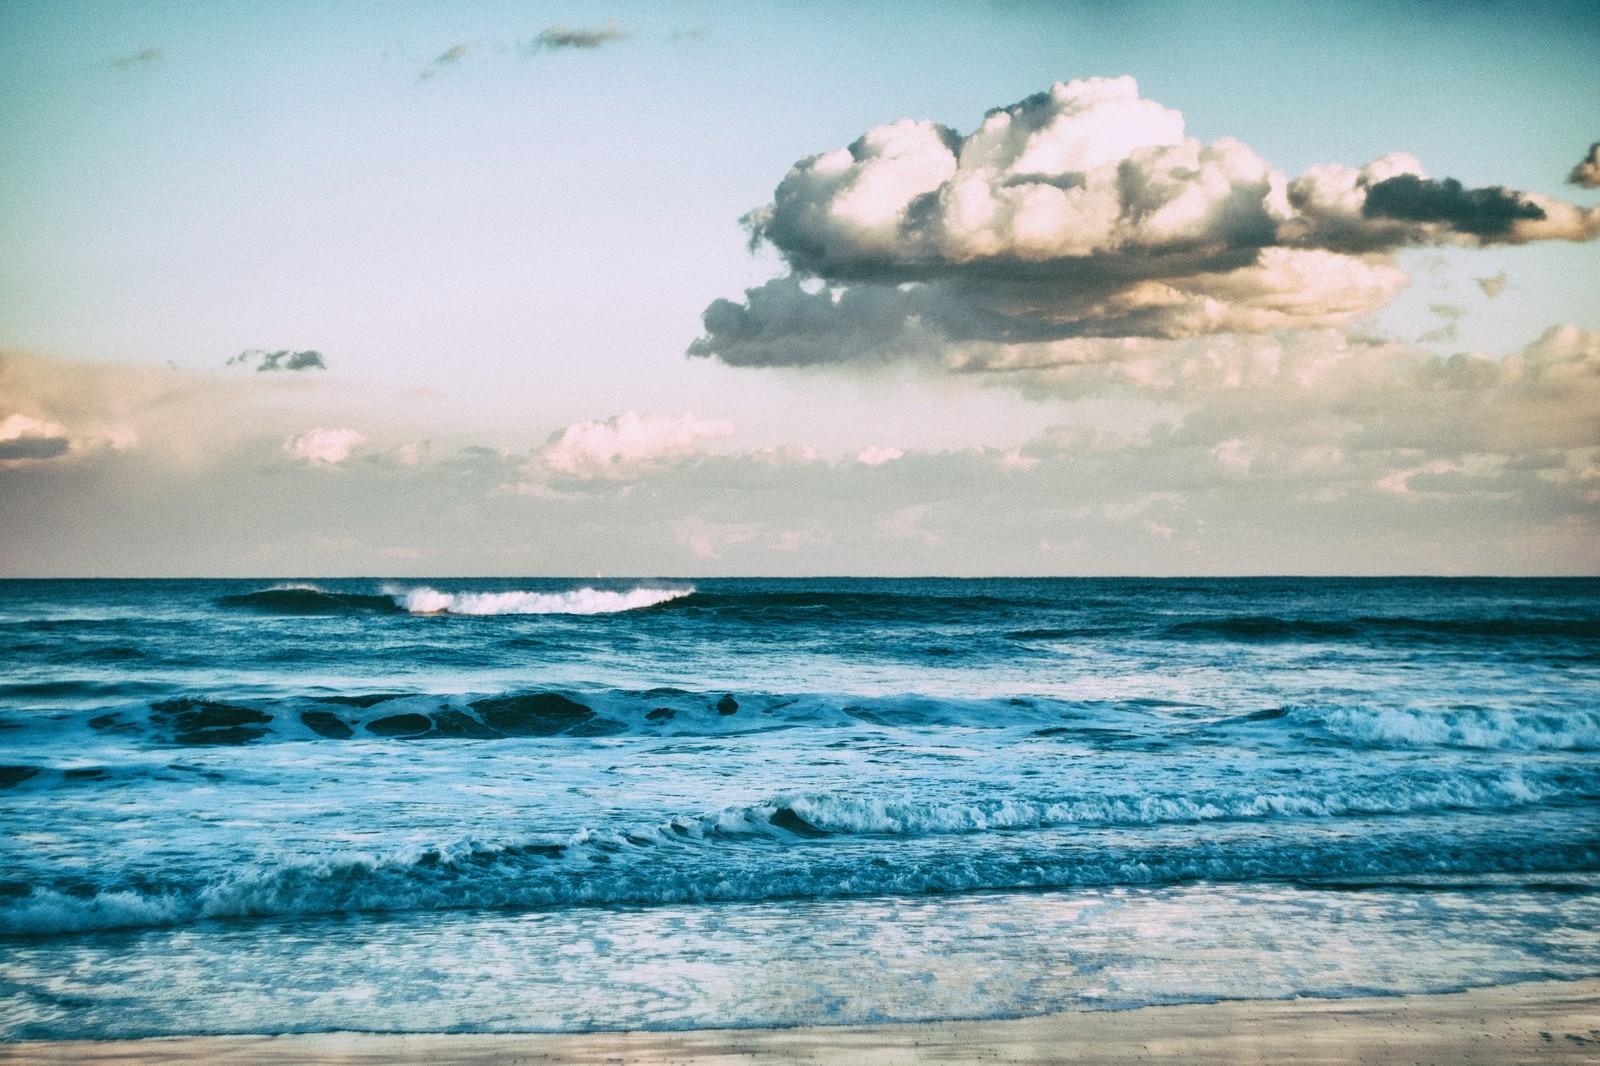 息を飲むほど美しい!クジラの親子のドローン空撮映像3選+αをご紹介!